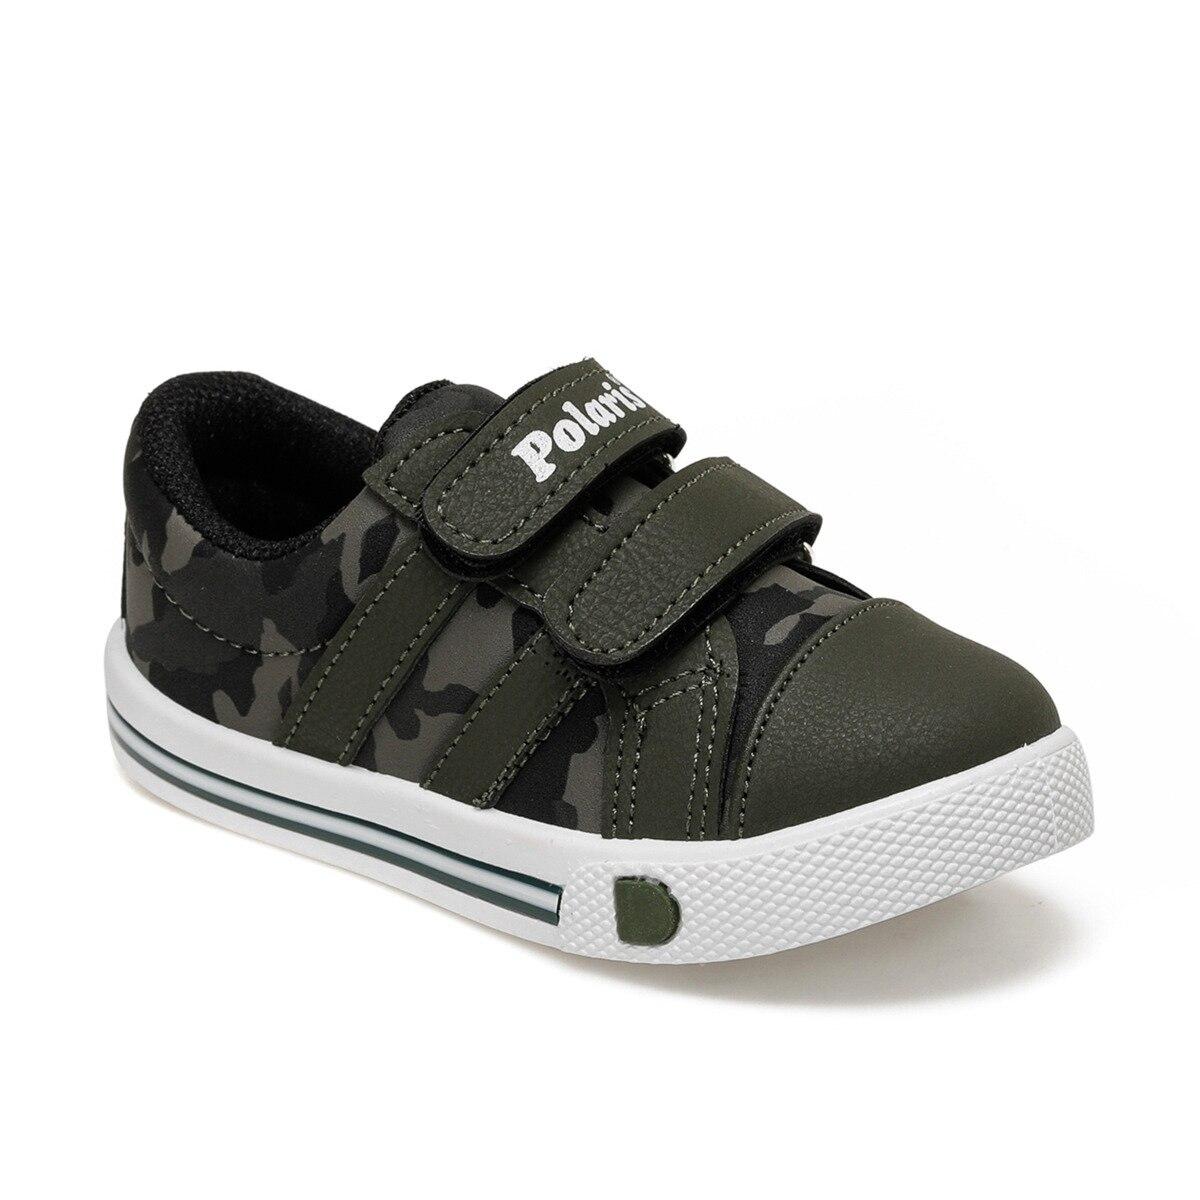 FLO 92.511714.B Khaki Male Child Shoes Polaris